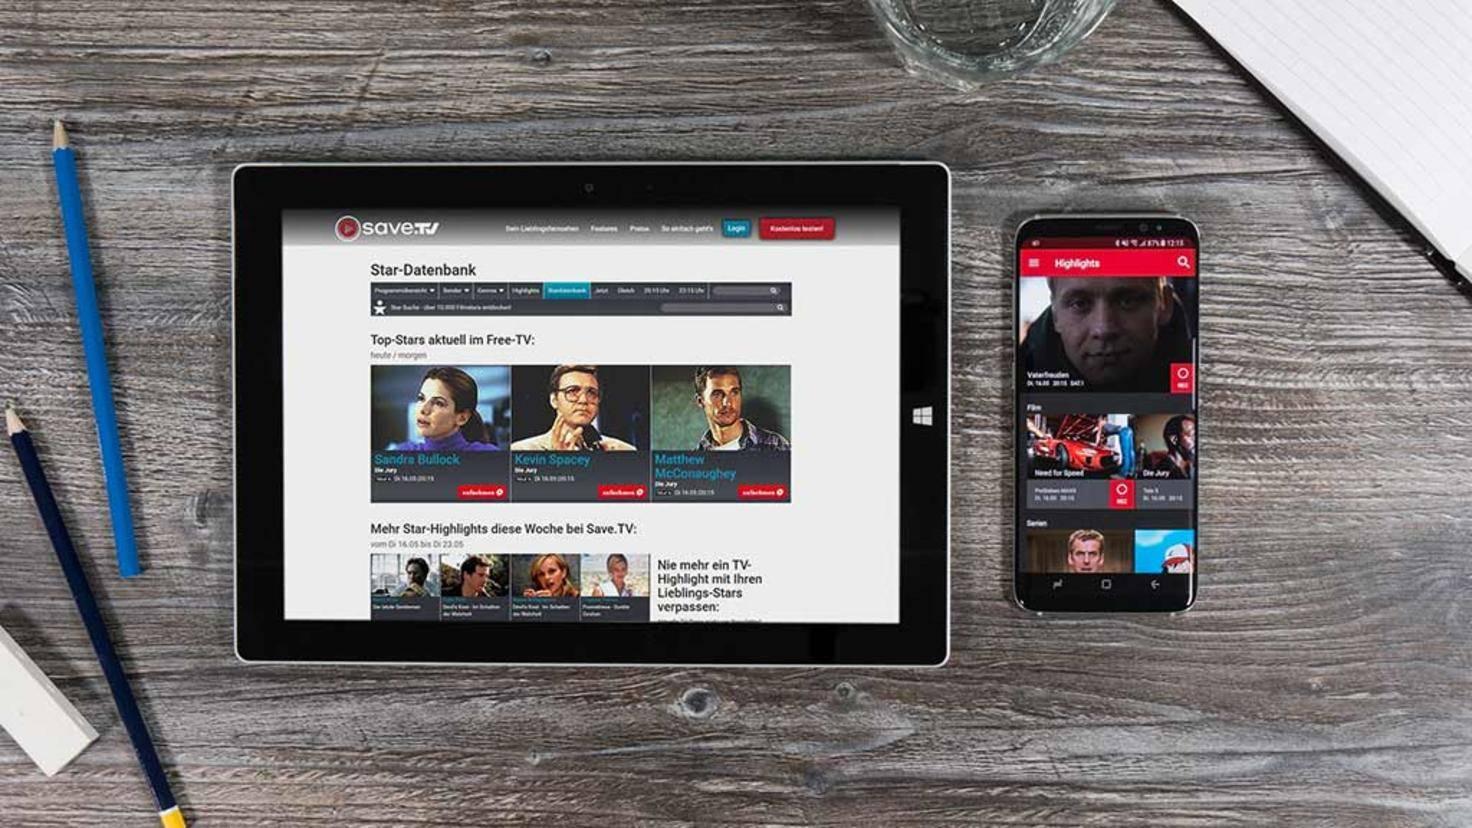 save.tv-tablet-menue-handy-app